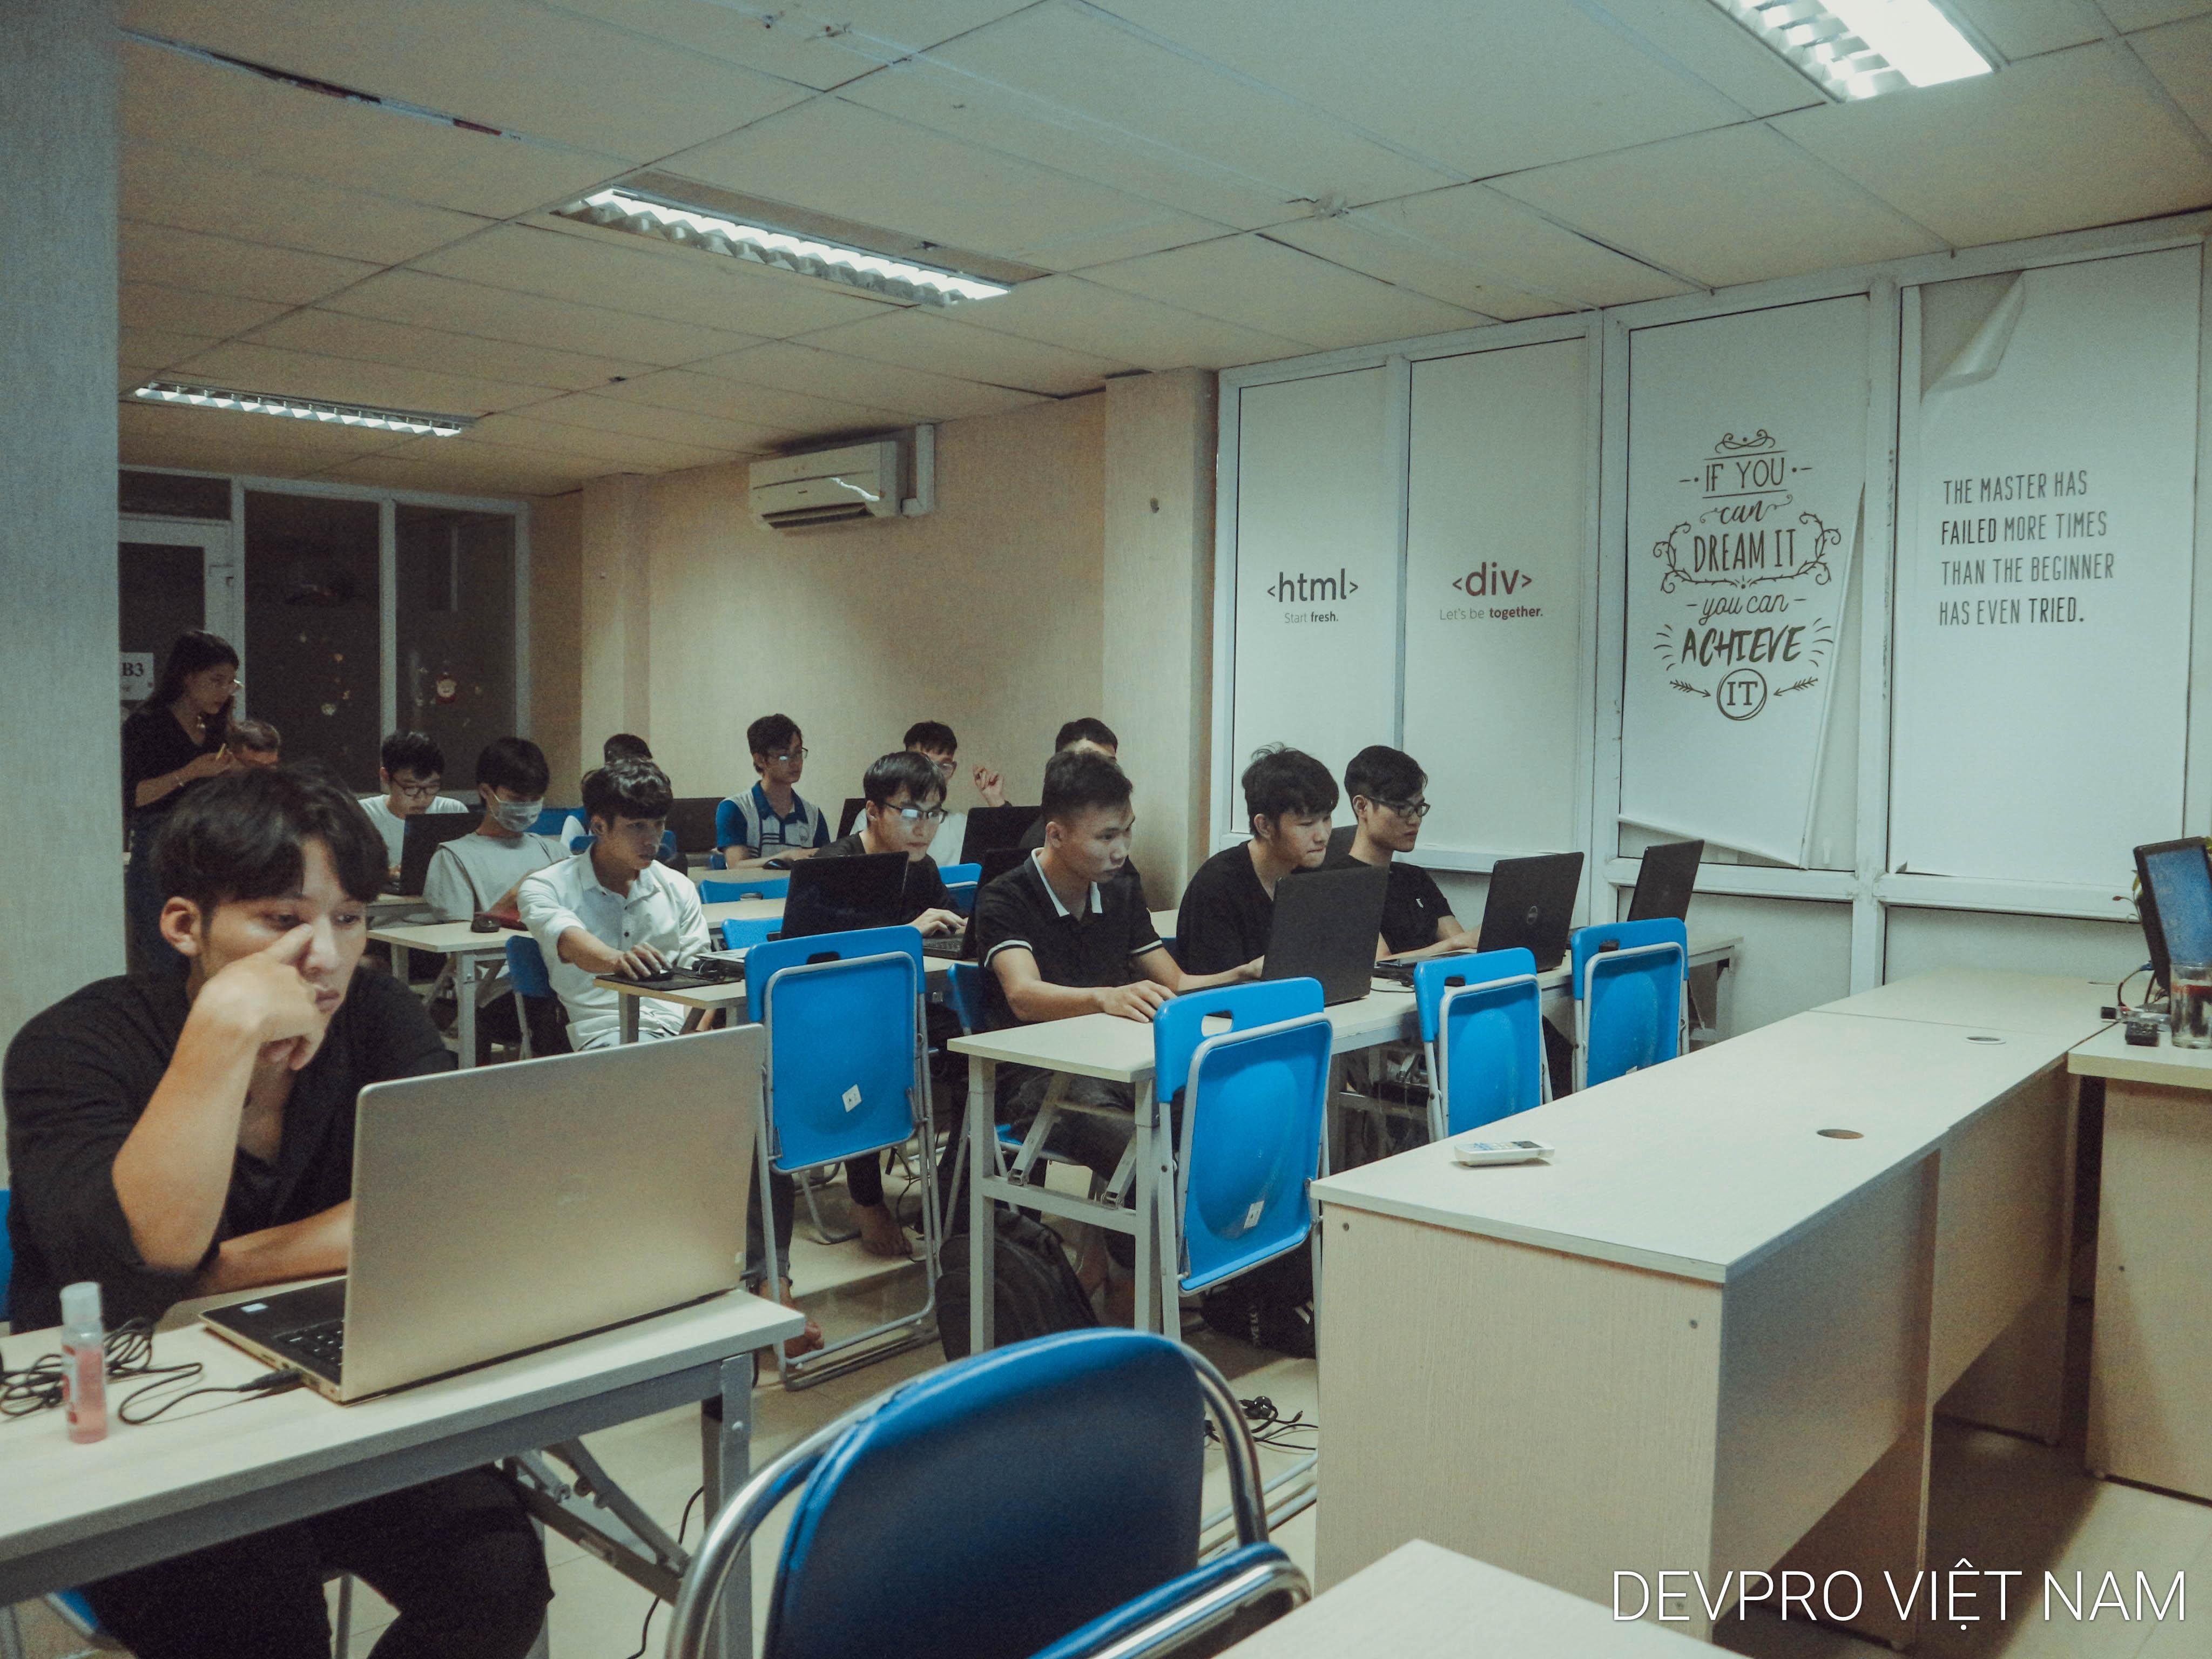 Khai giảng lớp PHP52 23.09.2020 - Devpro Việt Nam